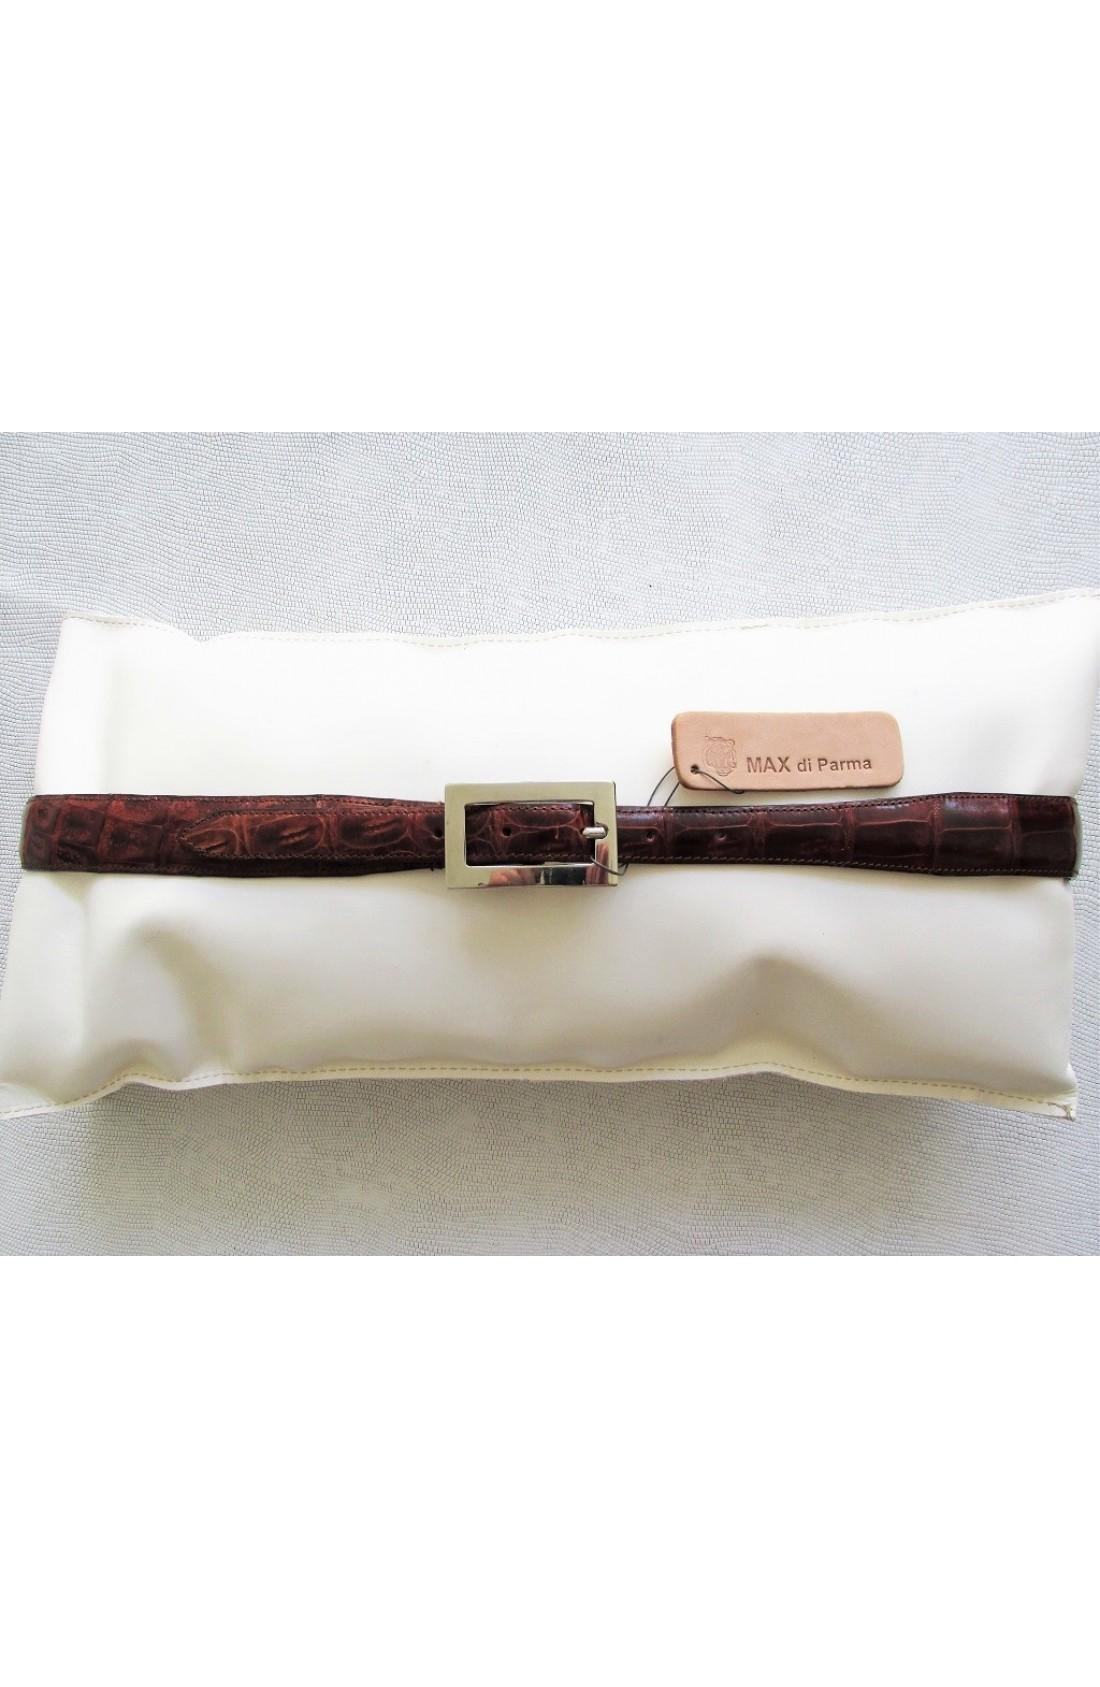 art.151 COCCODRILLO VERO coda caimano yacarè svasata da mm.30 a mm. 20 var.3 brandy fibbia B 919 mm.20 nikel free (5)